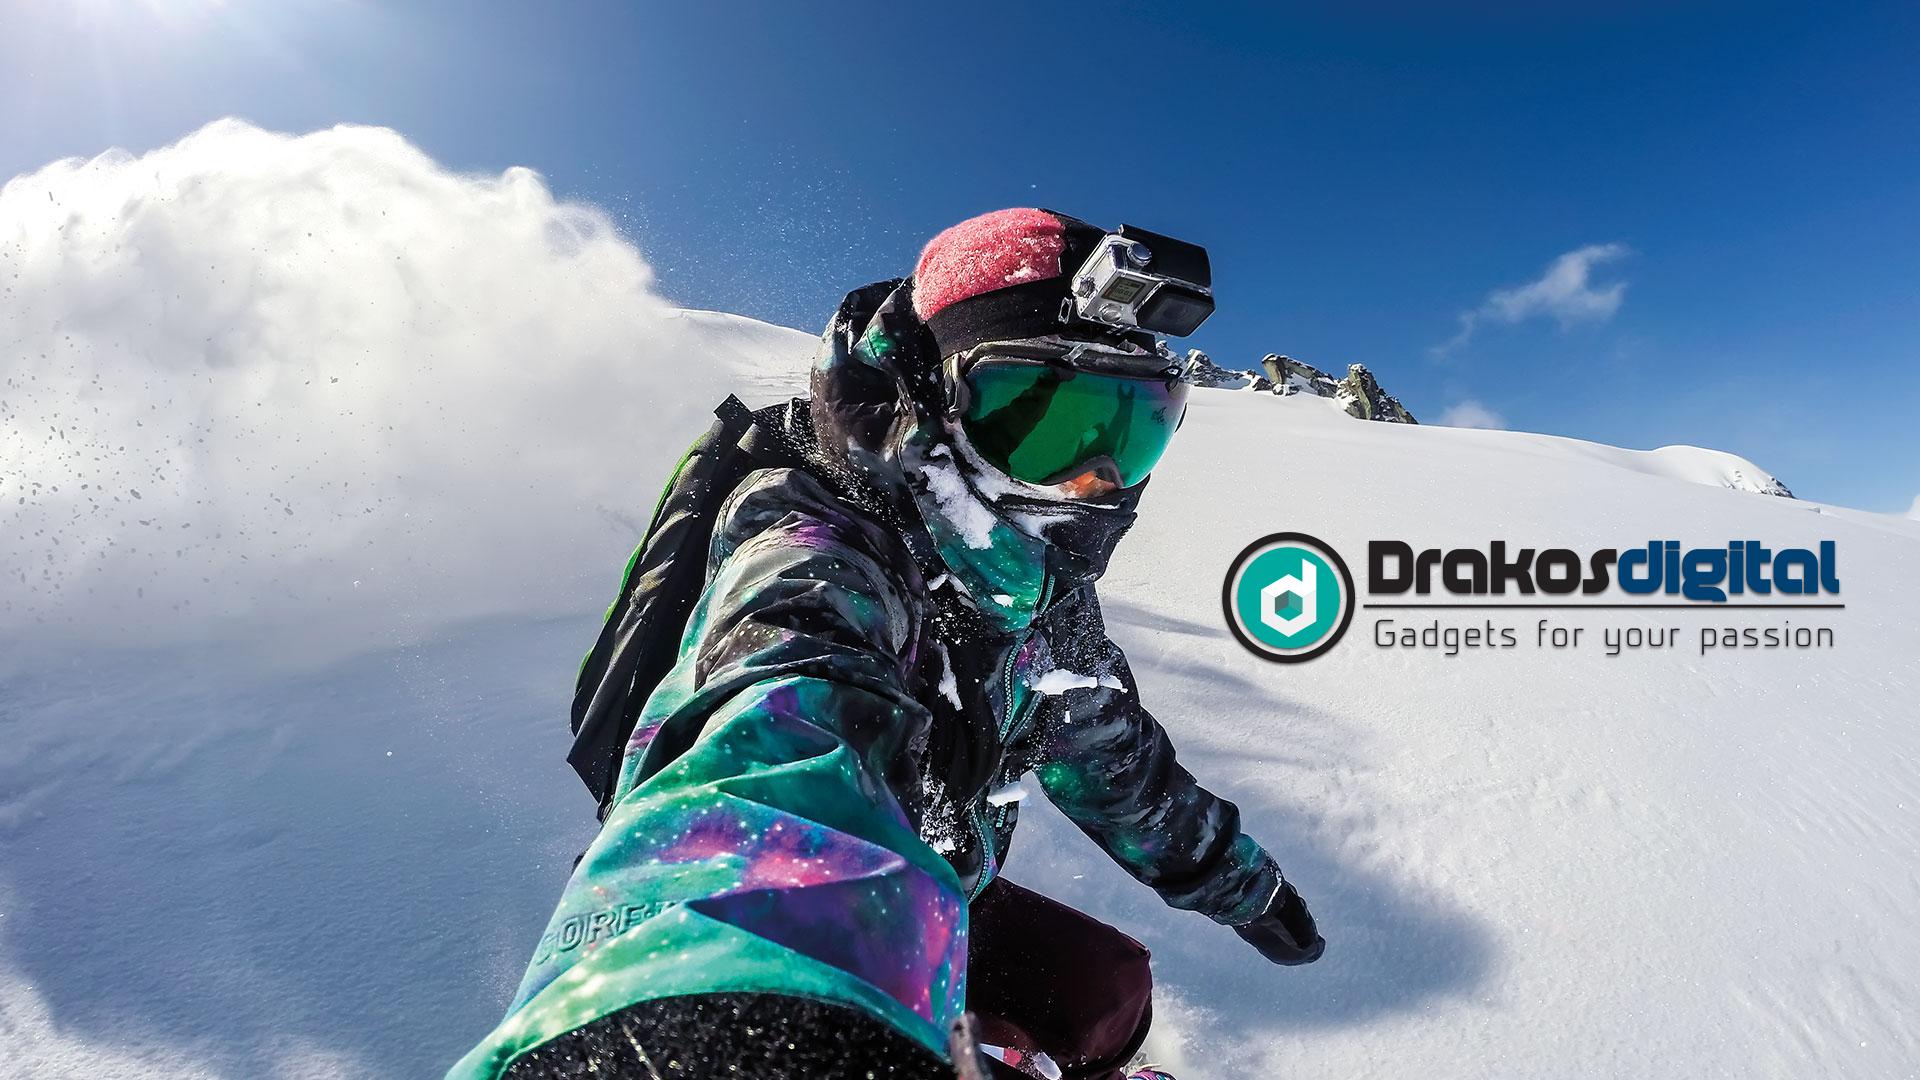 DrakosDigital_GoPro_1920x1080_02